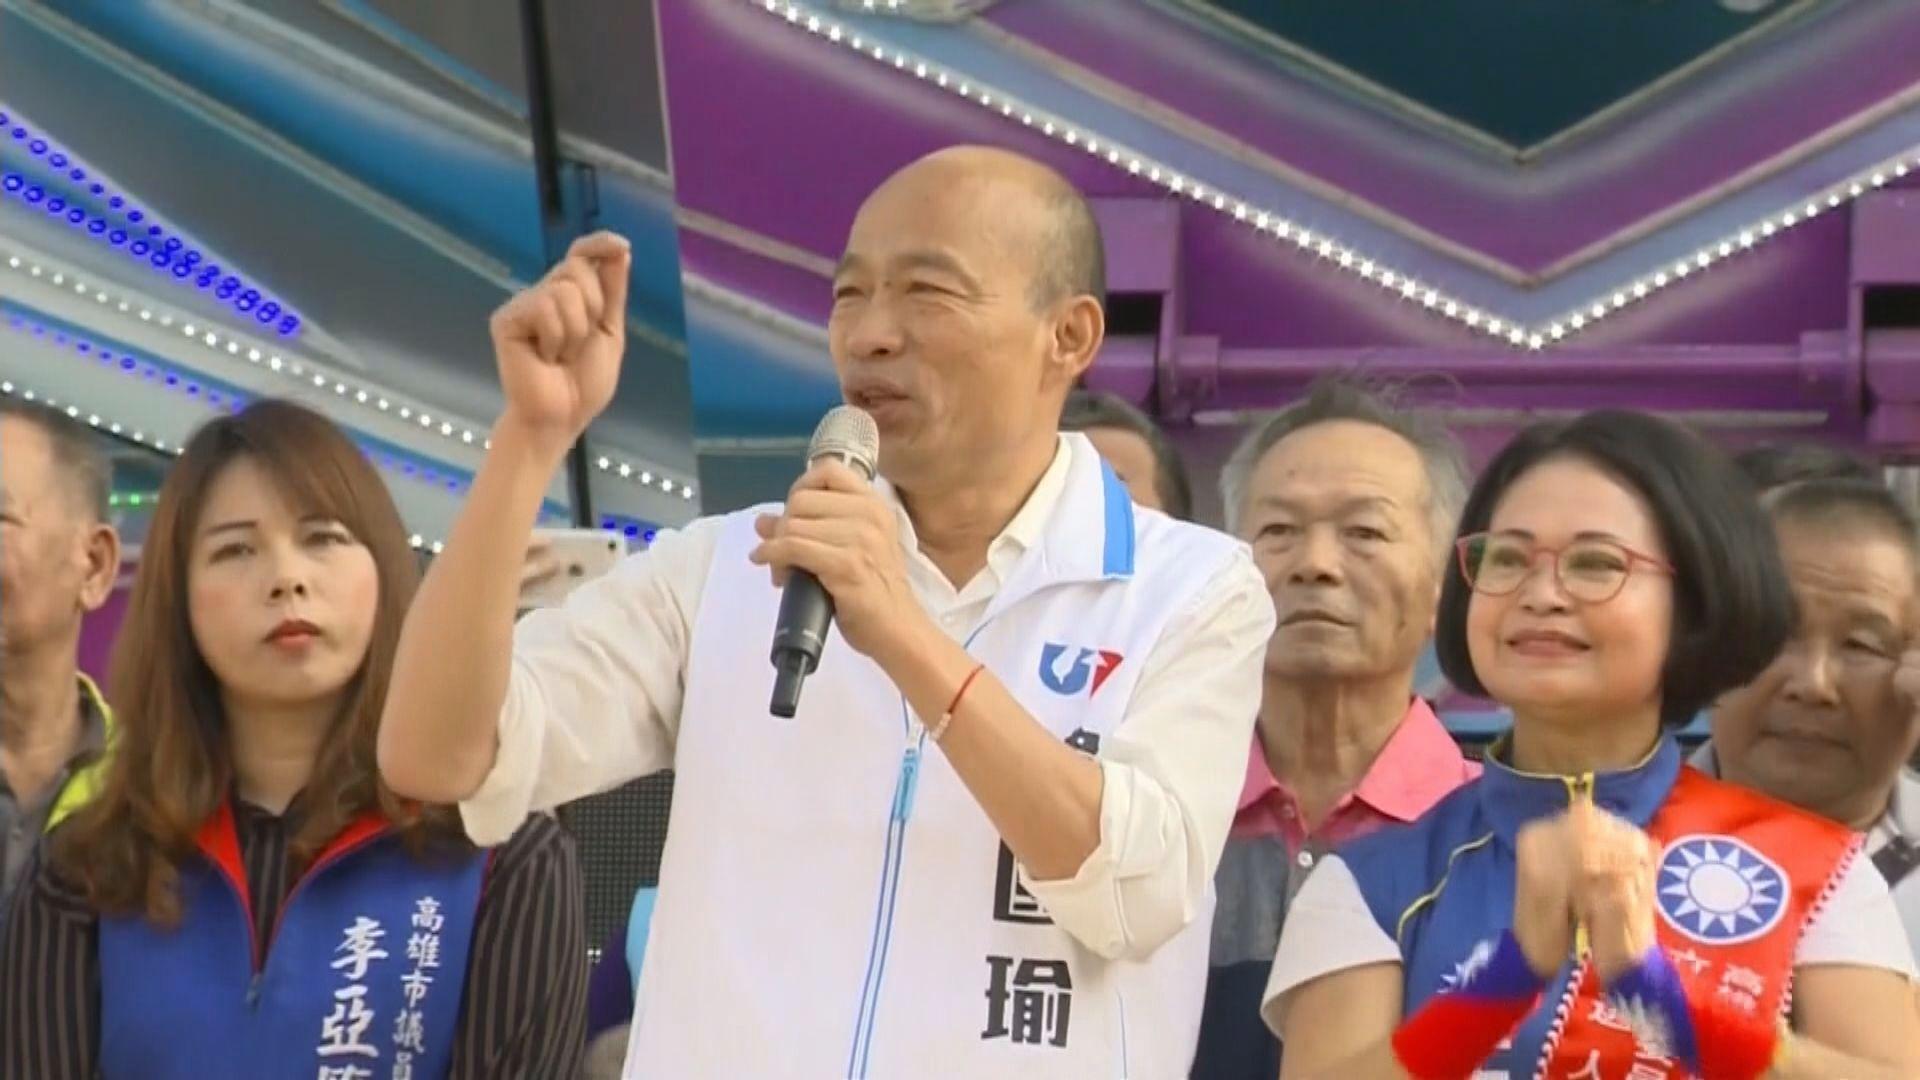 韓國瑜於高雄出席多場造勢活動